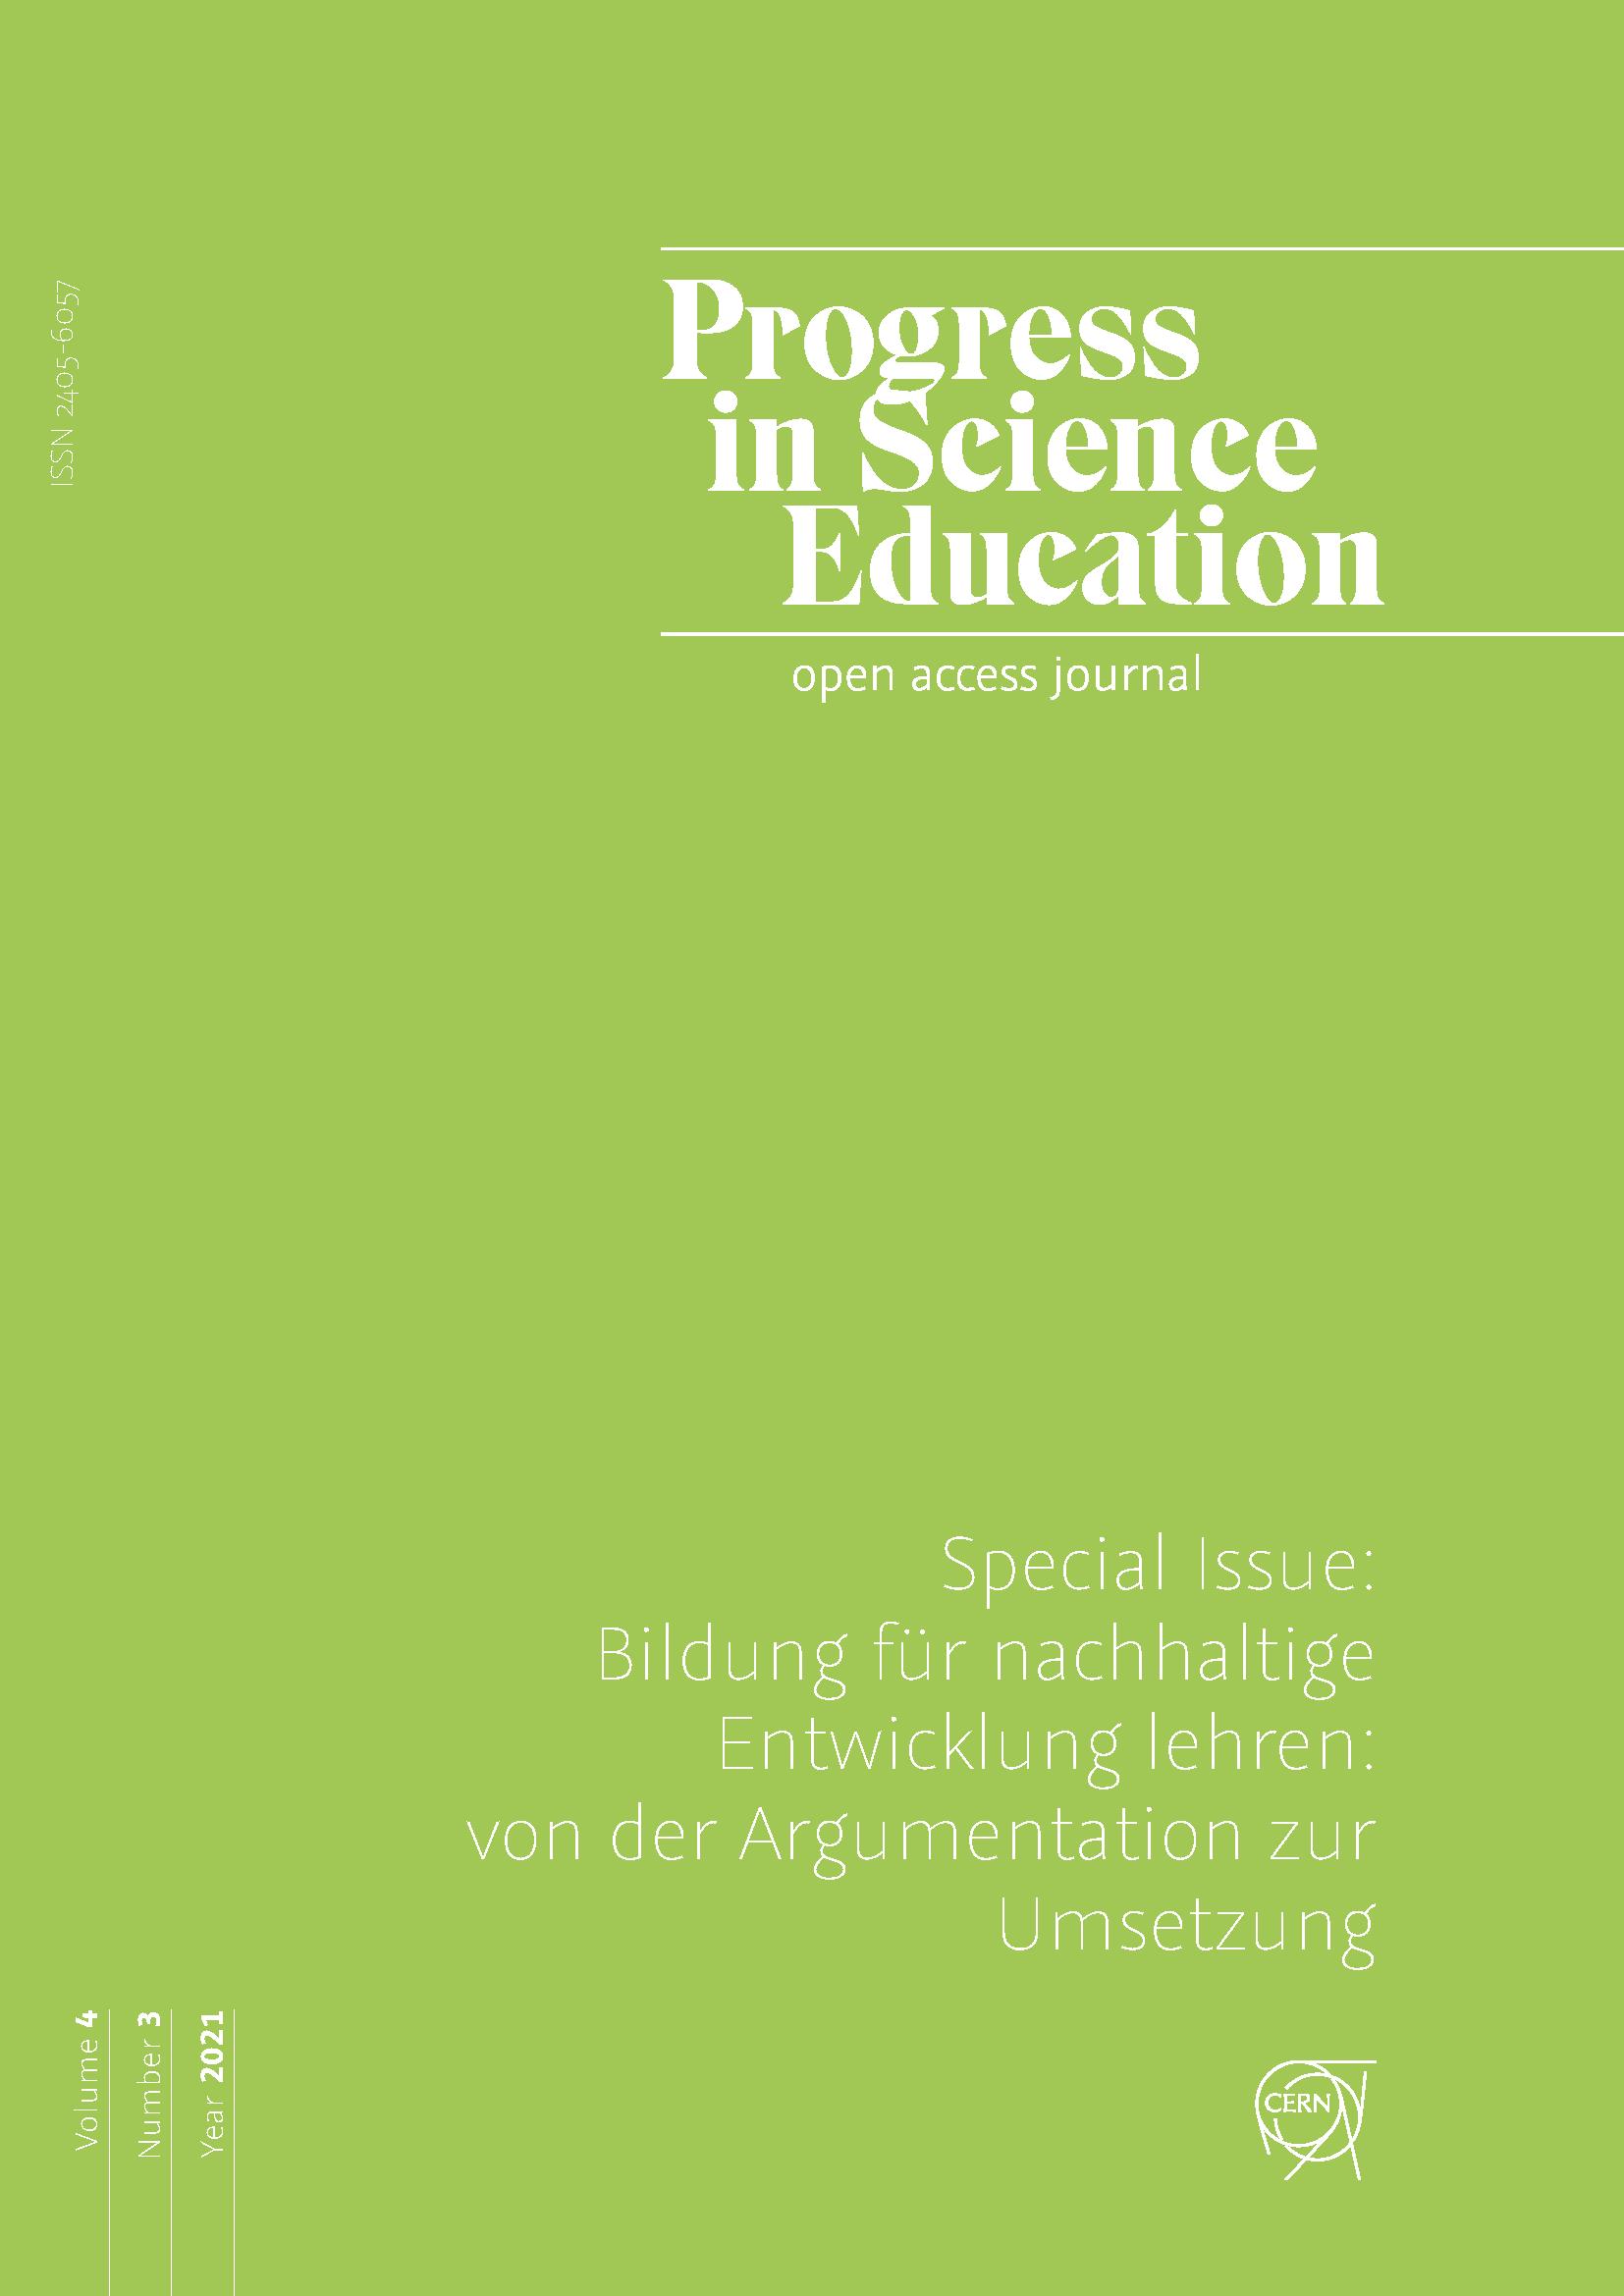 View Vol. 4 No. 3 (2021): Special Issue: Bildung für nachhaltige Entwicklung lehren: von der Argumentation zur Umsetzung